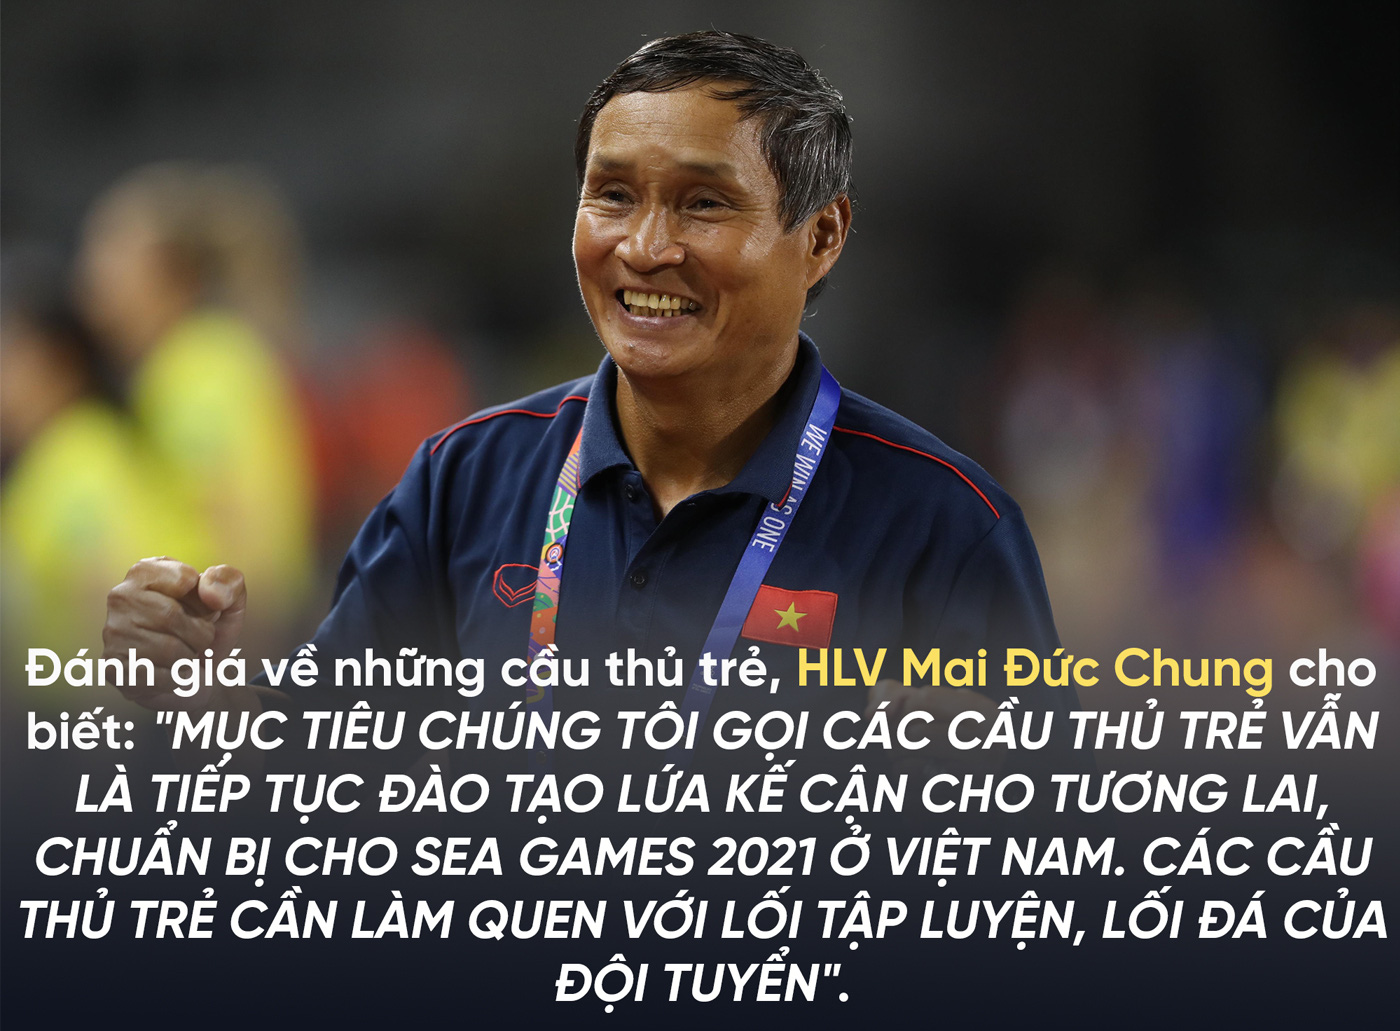 Bóng đá Việt Nam 2020: Quyết tâm giữ ngai Vàng Đông Nam Á và bơi ra biển lớn - Ảnh 14.